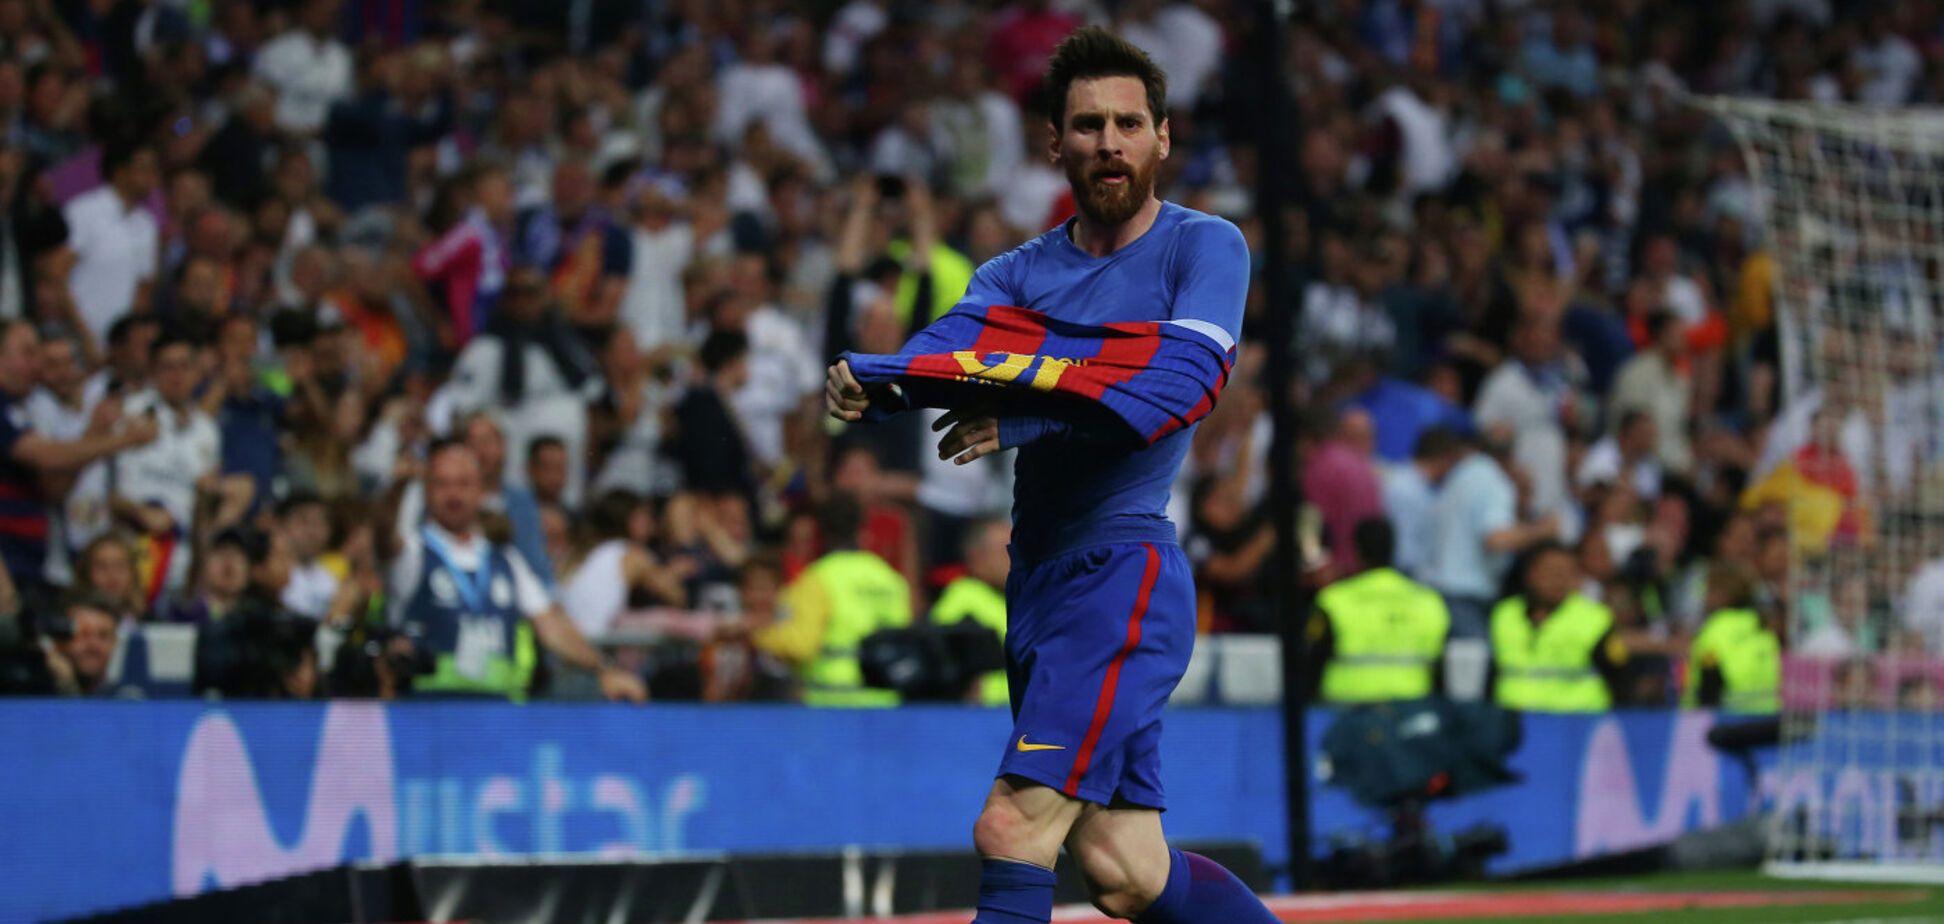 'Барселона' согласилась отпустить Месси - СМИ